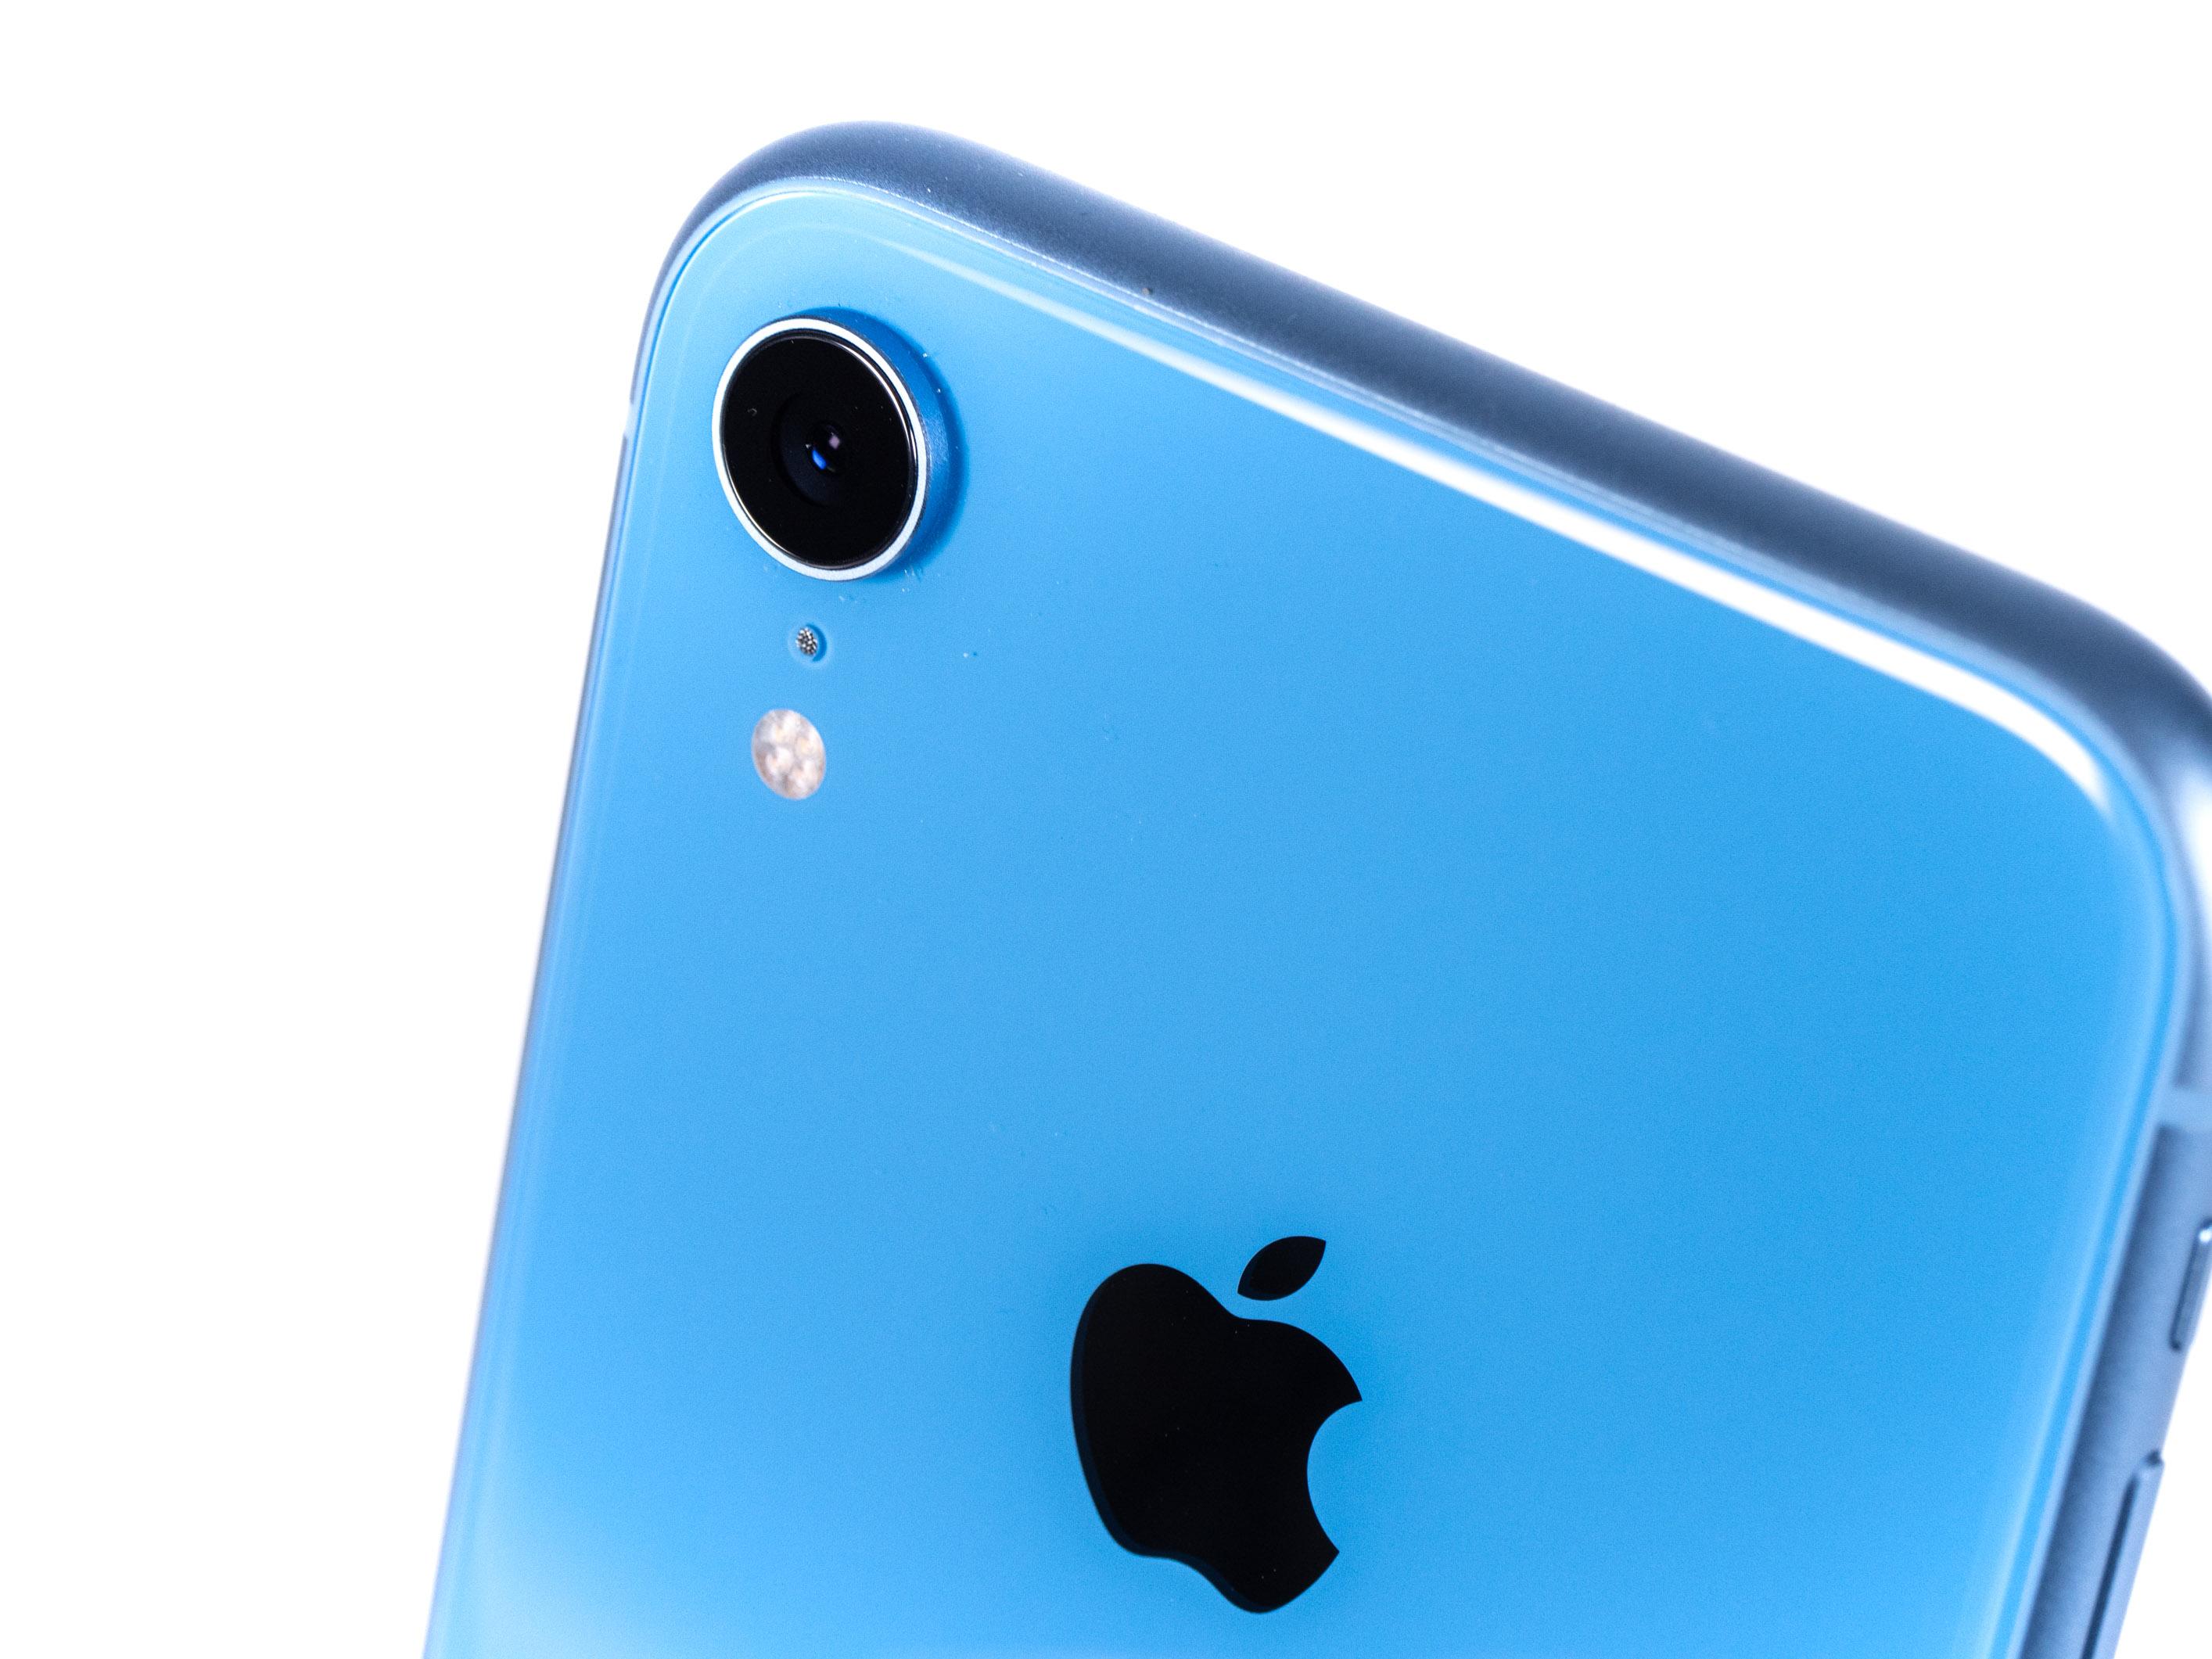 iPhone Xr im Test: Apples günstigeres iPhone ist nicht günstig - Das iPhone Xr hat eine einzelne Kamera anstelle einer Dualkamera. Die Bildergebnisse sind dennoch sehr gut. (Bild: Martin Wolf/Golem.de)